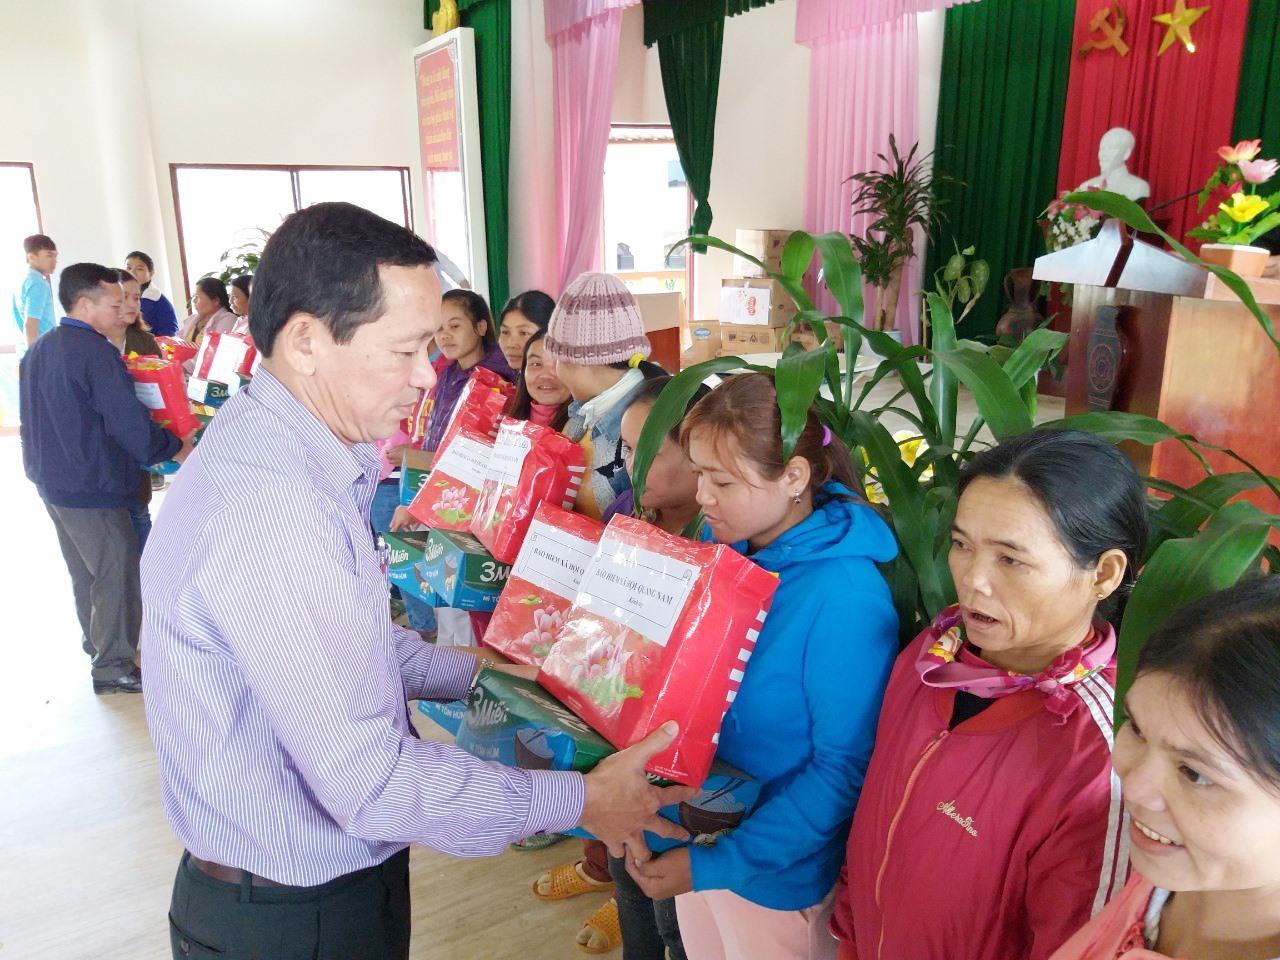 Phó Giám đốc phụ trách BHXH tỉnh Nguyễn Thanh Danh trao quà tặng gia đình chính sách ở xã Tư, huyện Đông Giang. Ảnh: DIỄM LỆ